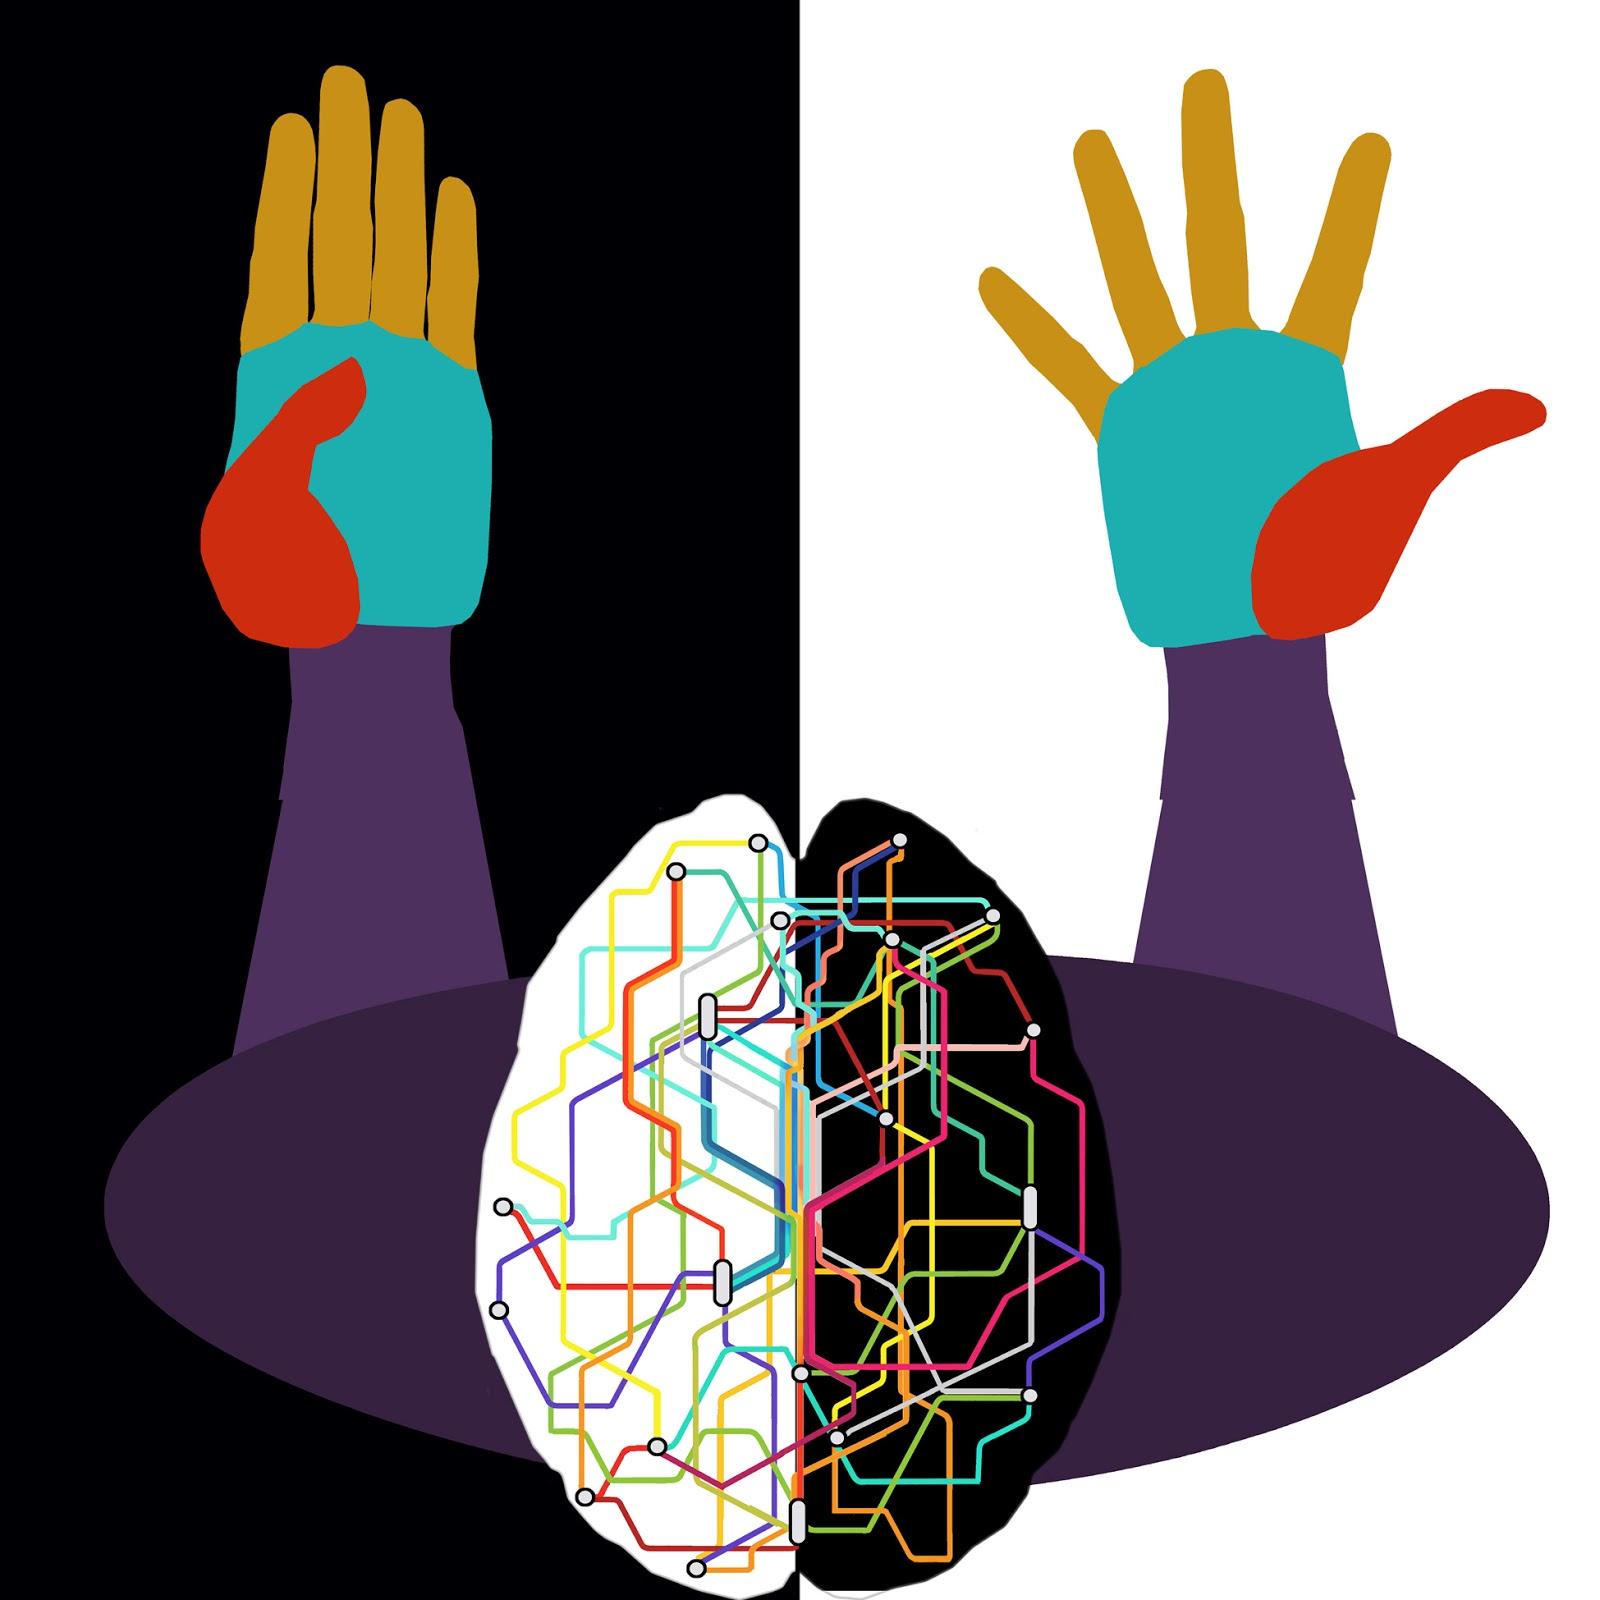 conexiones cerebrales, dibujo